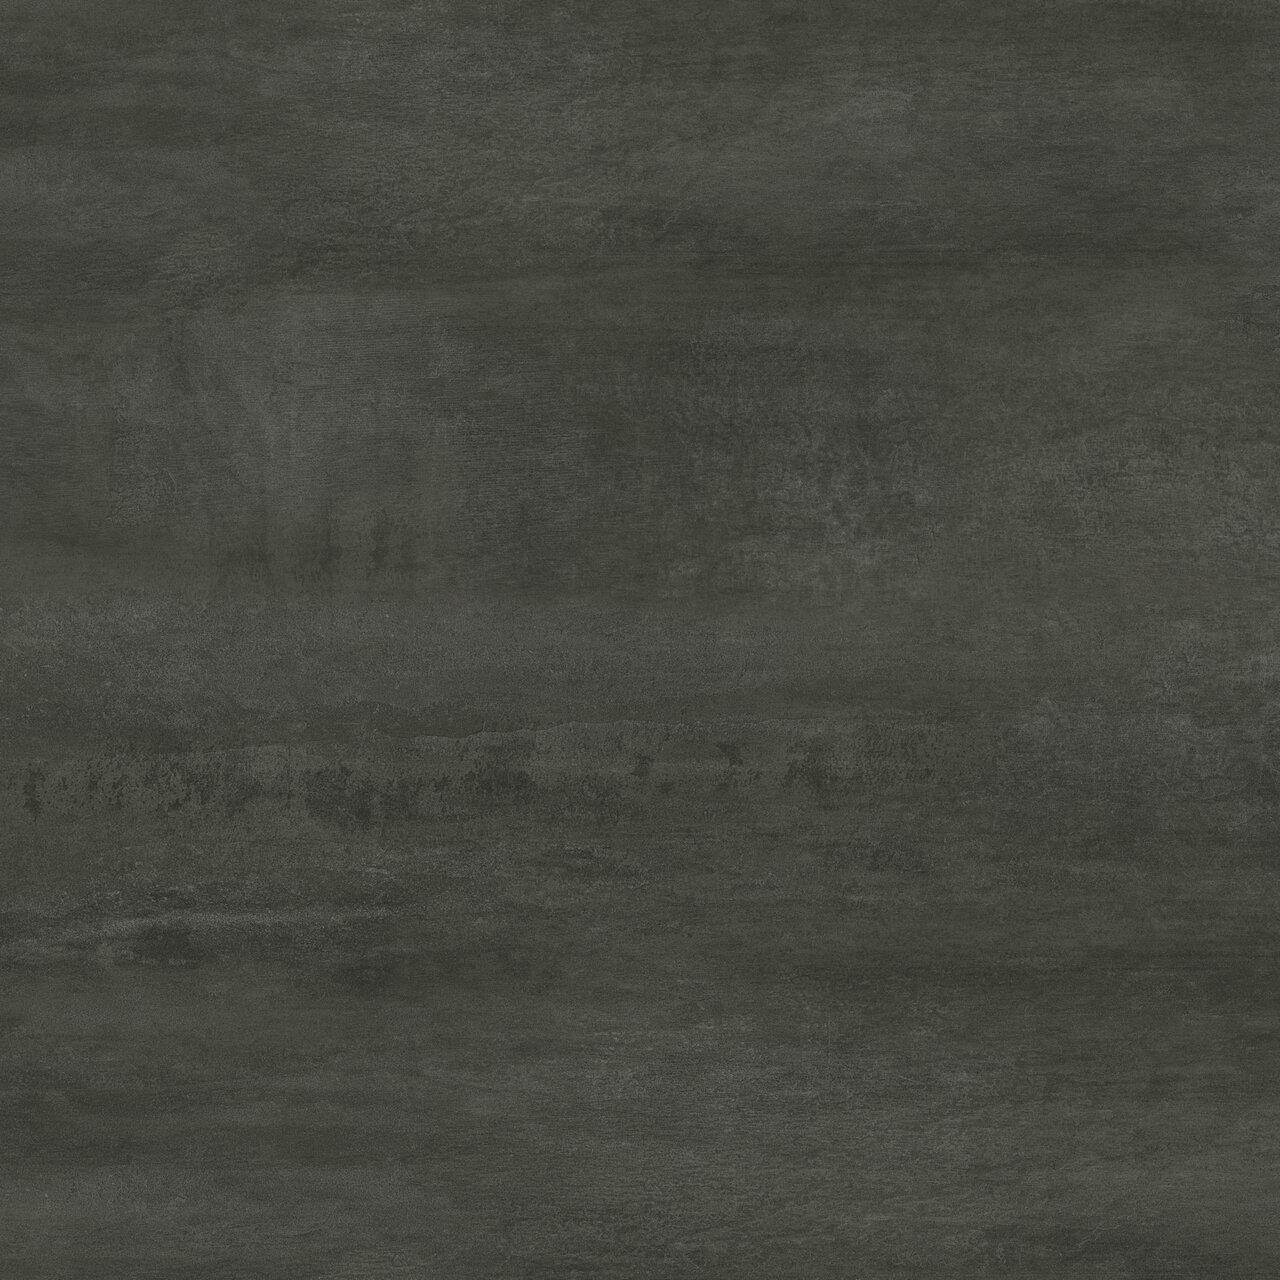 Agrob Buchtal Alcina Boden GRAPHIT 434897 Bodenfliese  90x90 unglasiert